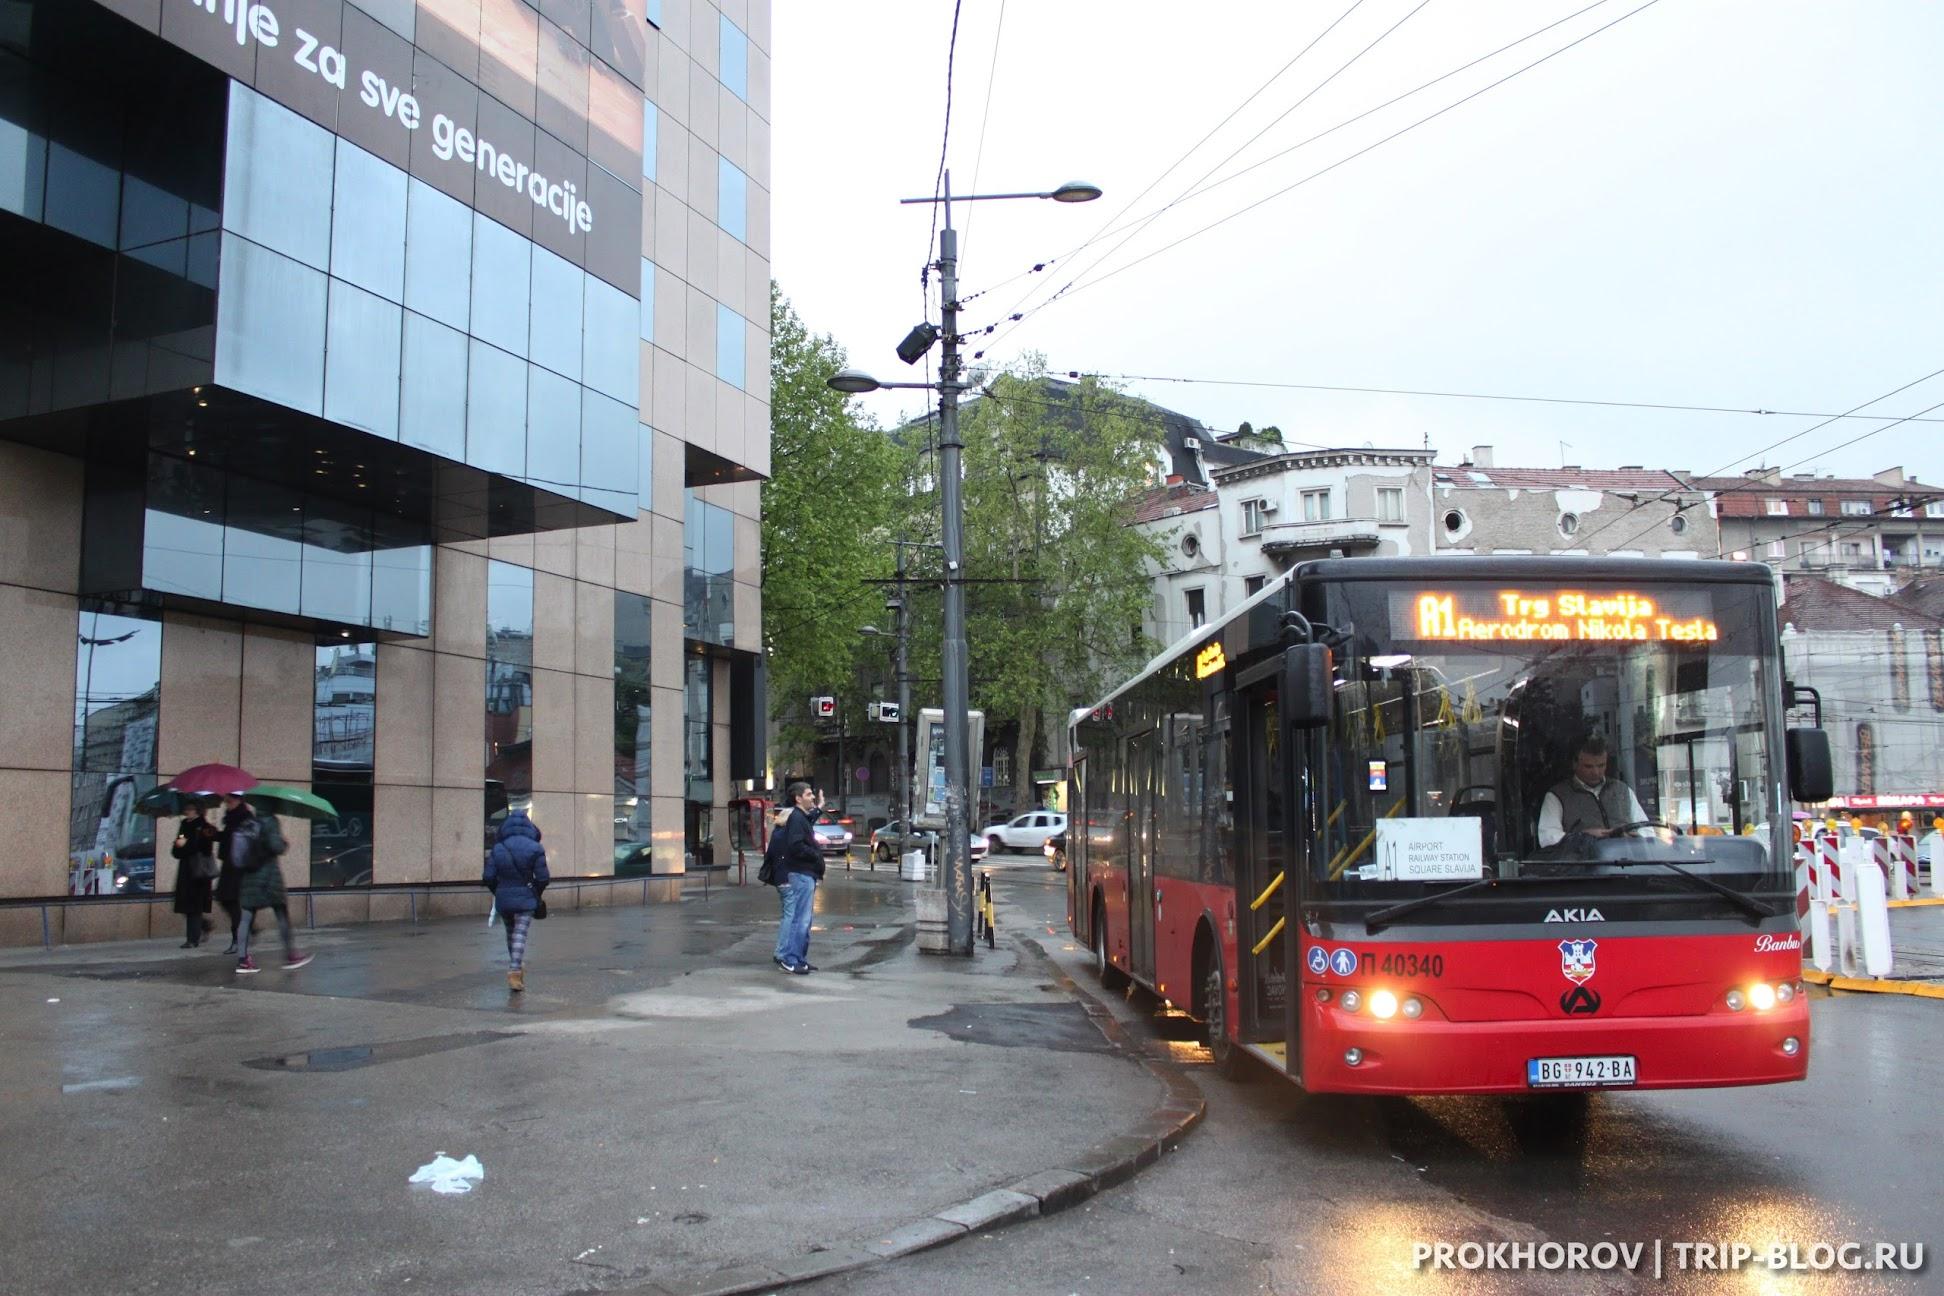 Остановка автобуса А1 - напротив отеля Slavija